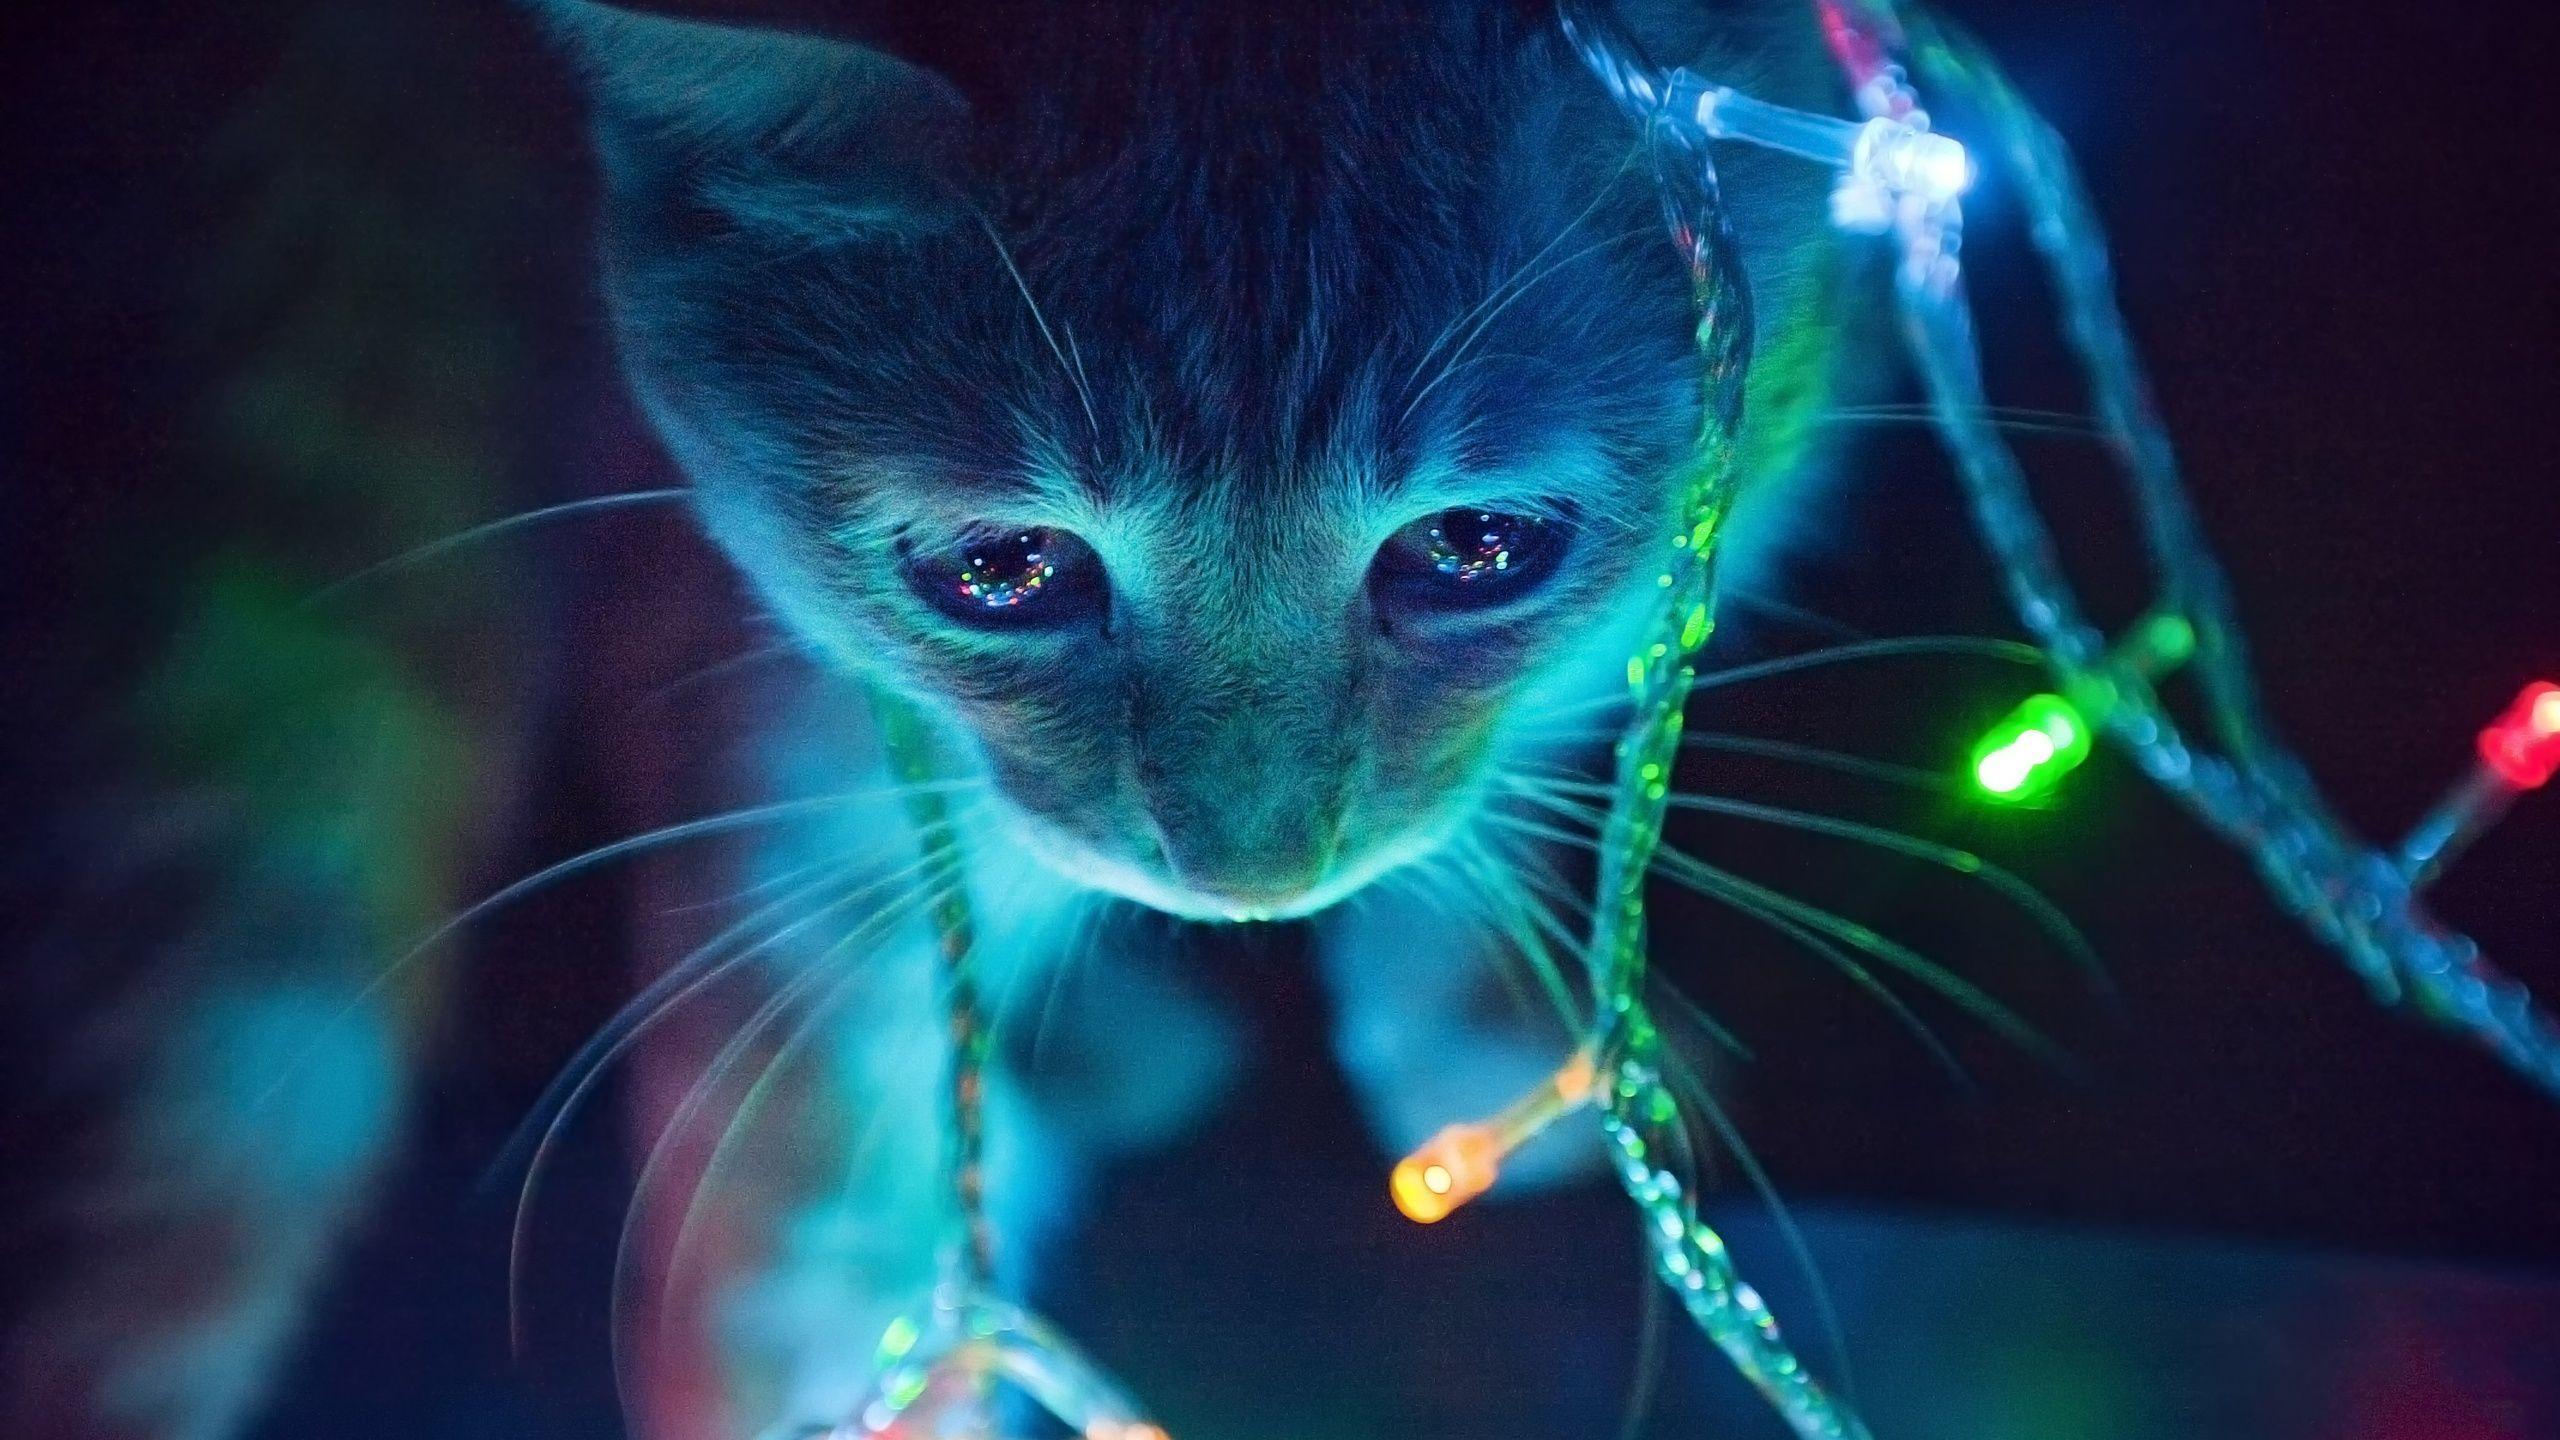 Wallpaper Baby Kitten Mit Bildern Katzen Tapeten Susseste Haustiere Ausgestopftes Tier